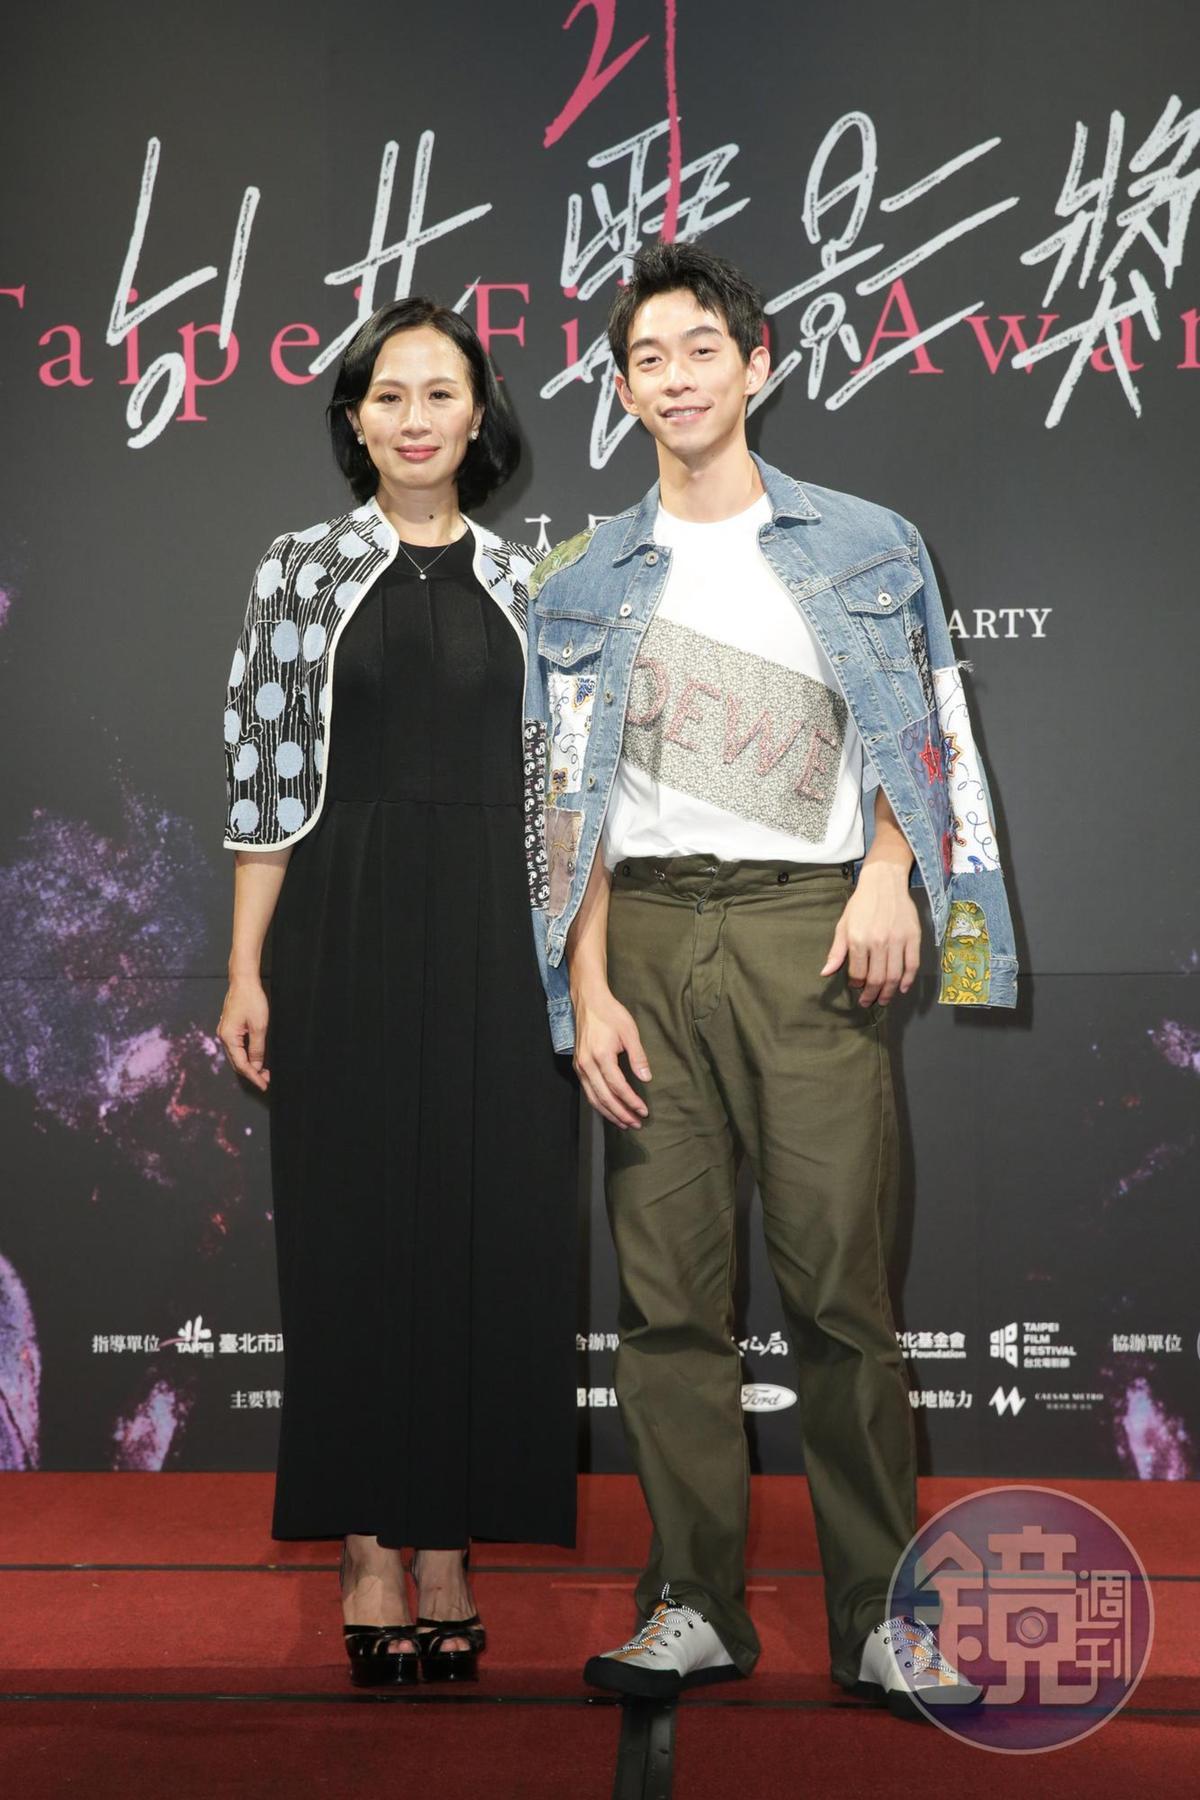 黃采儀(左)一改形象,在短片《情色小說》挑戰性愛場面,不但入圍最佳女主角,對手演員王可元(右)也入圍最佳新人。